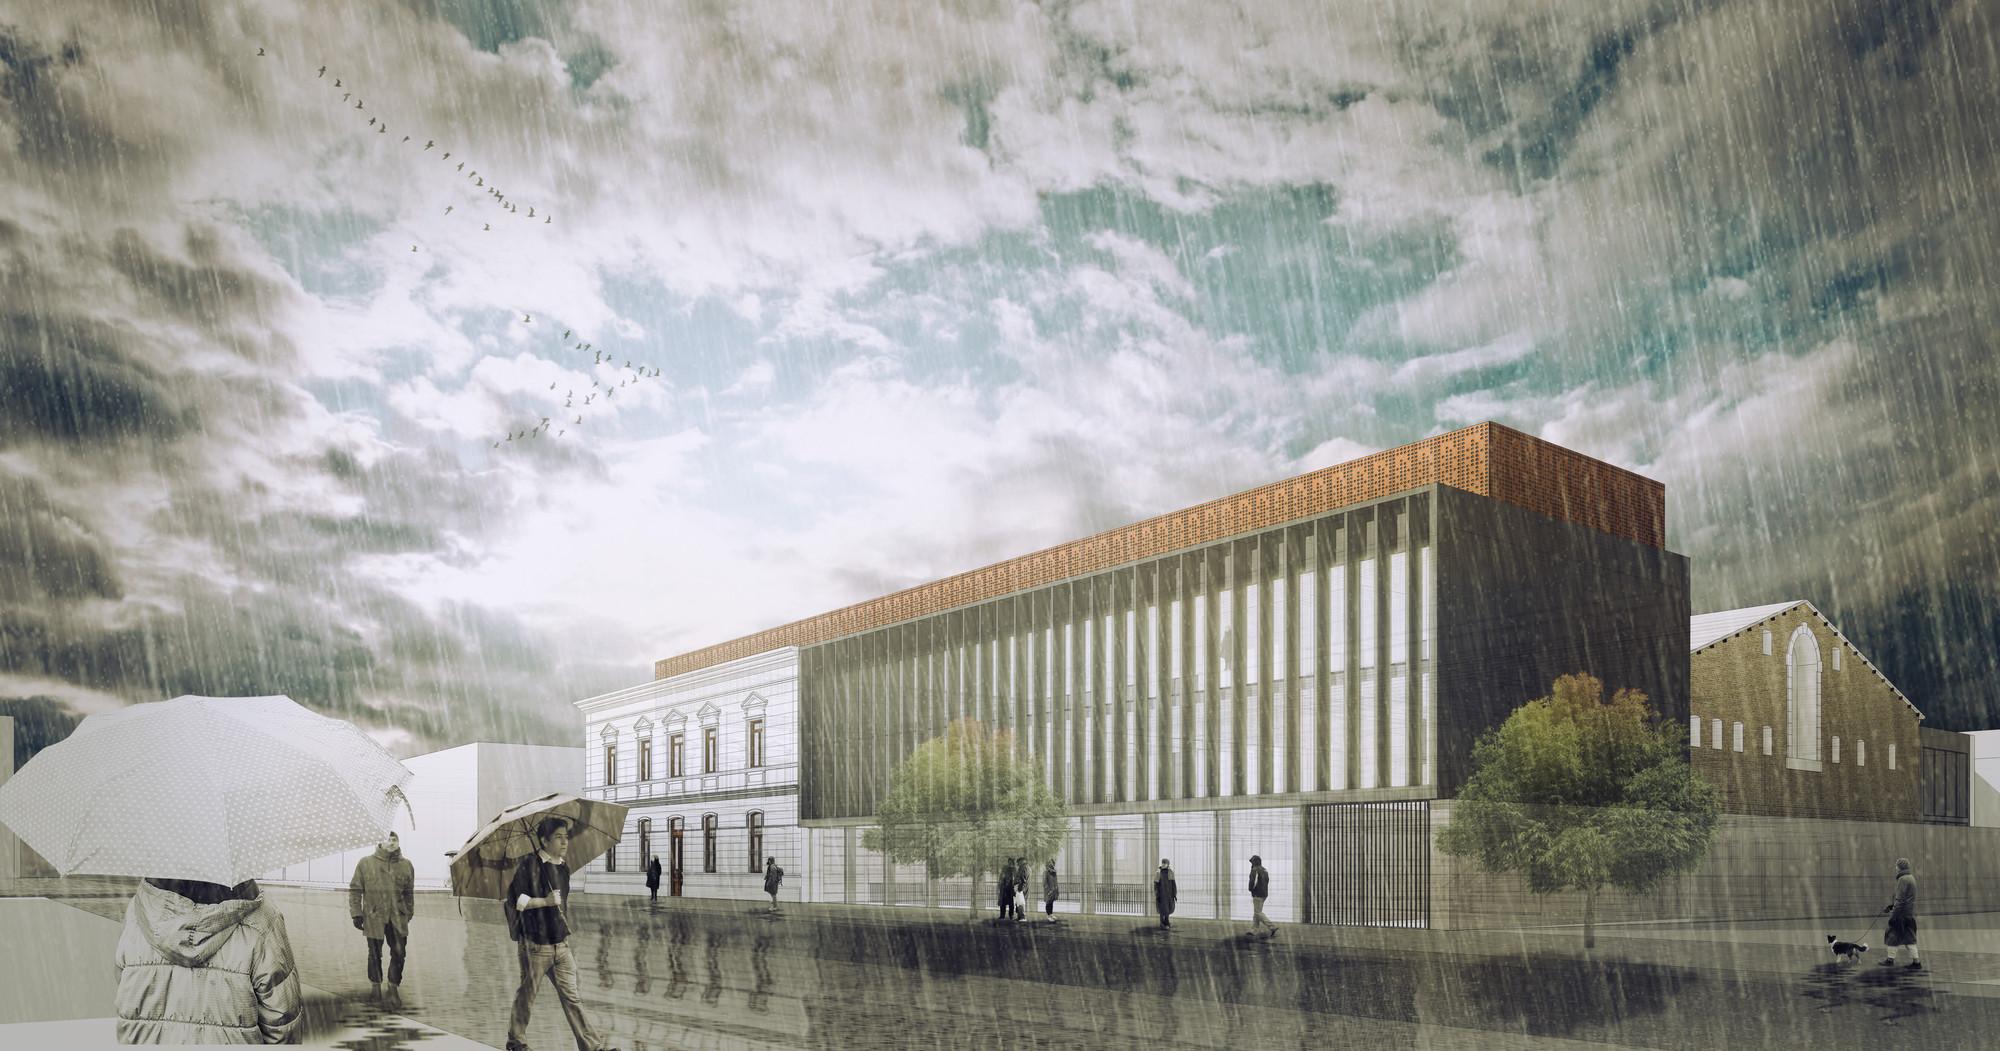 Mención Honrosa en Concurso habilitación y construcción Archivo y Biblioteca Regional de Punta Arenas / Chile, Cortesia de Equipo Mención Honrosa